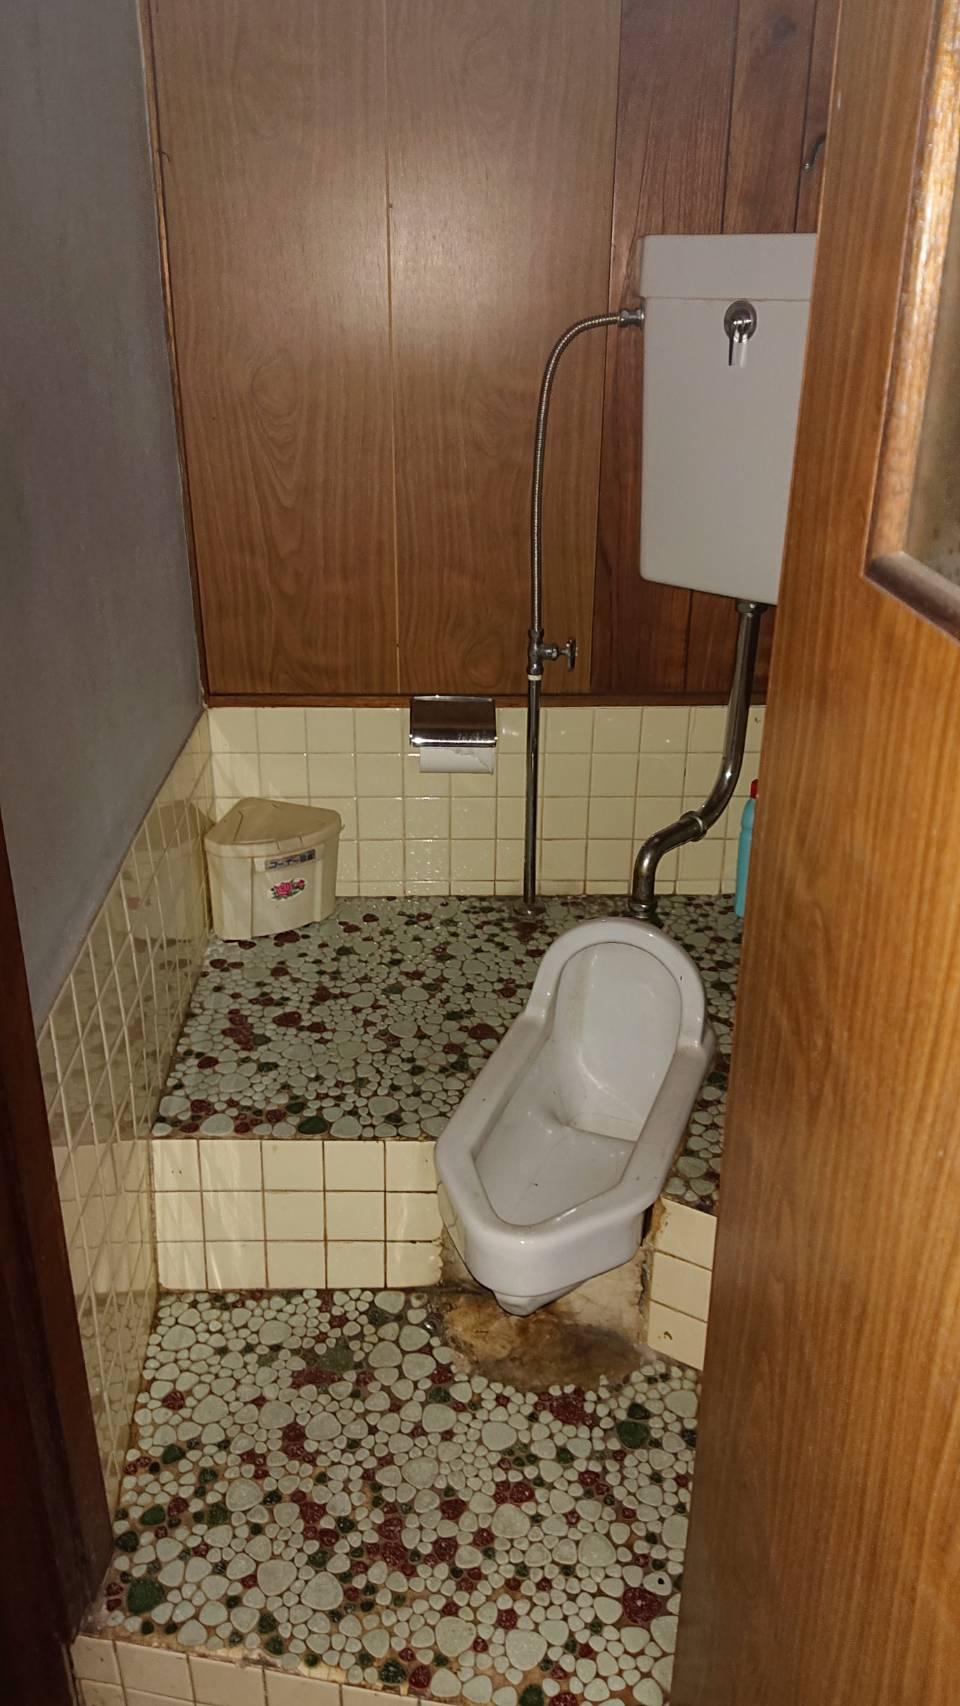 美濃加茂市 某会社様事務所トイレ改修工事